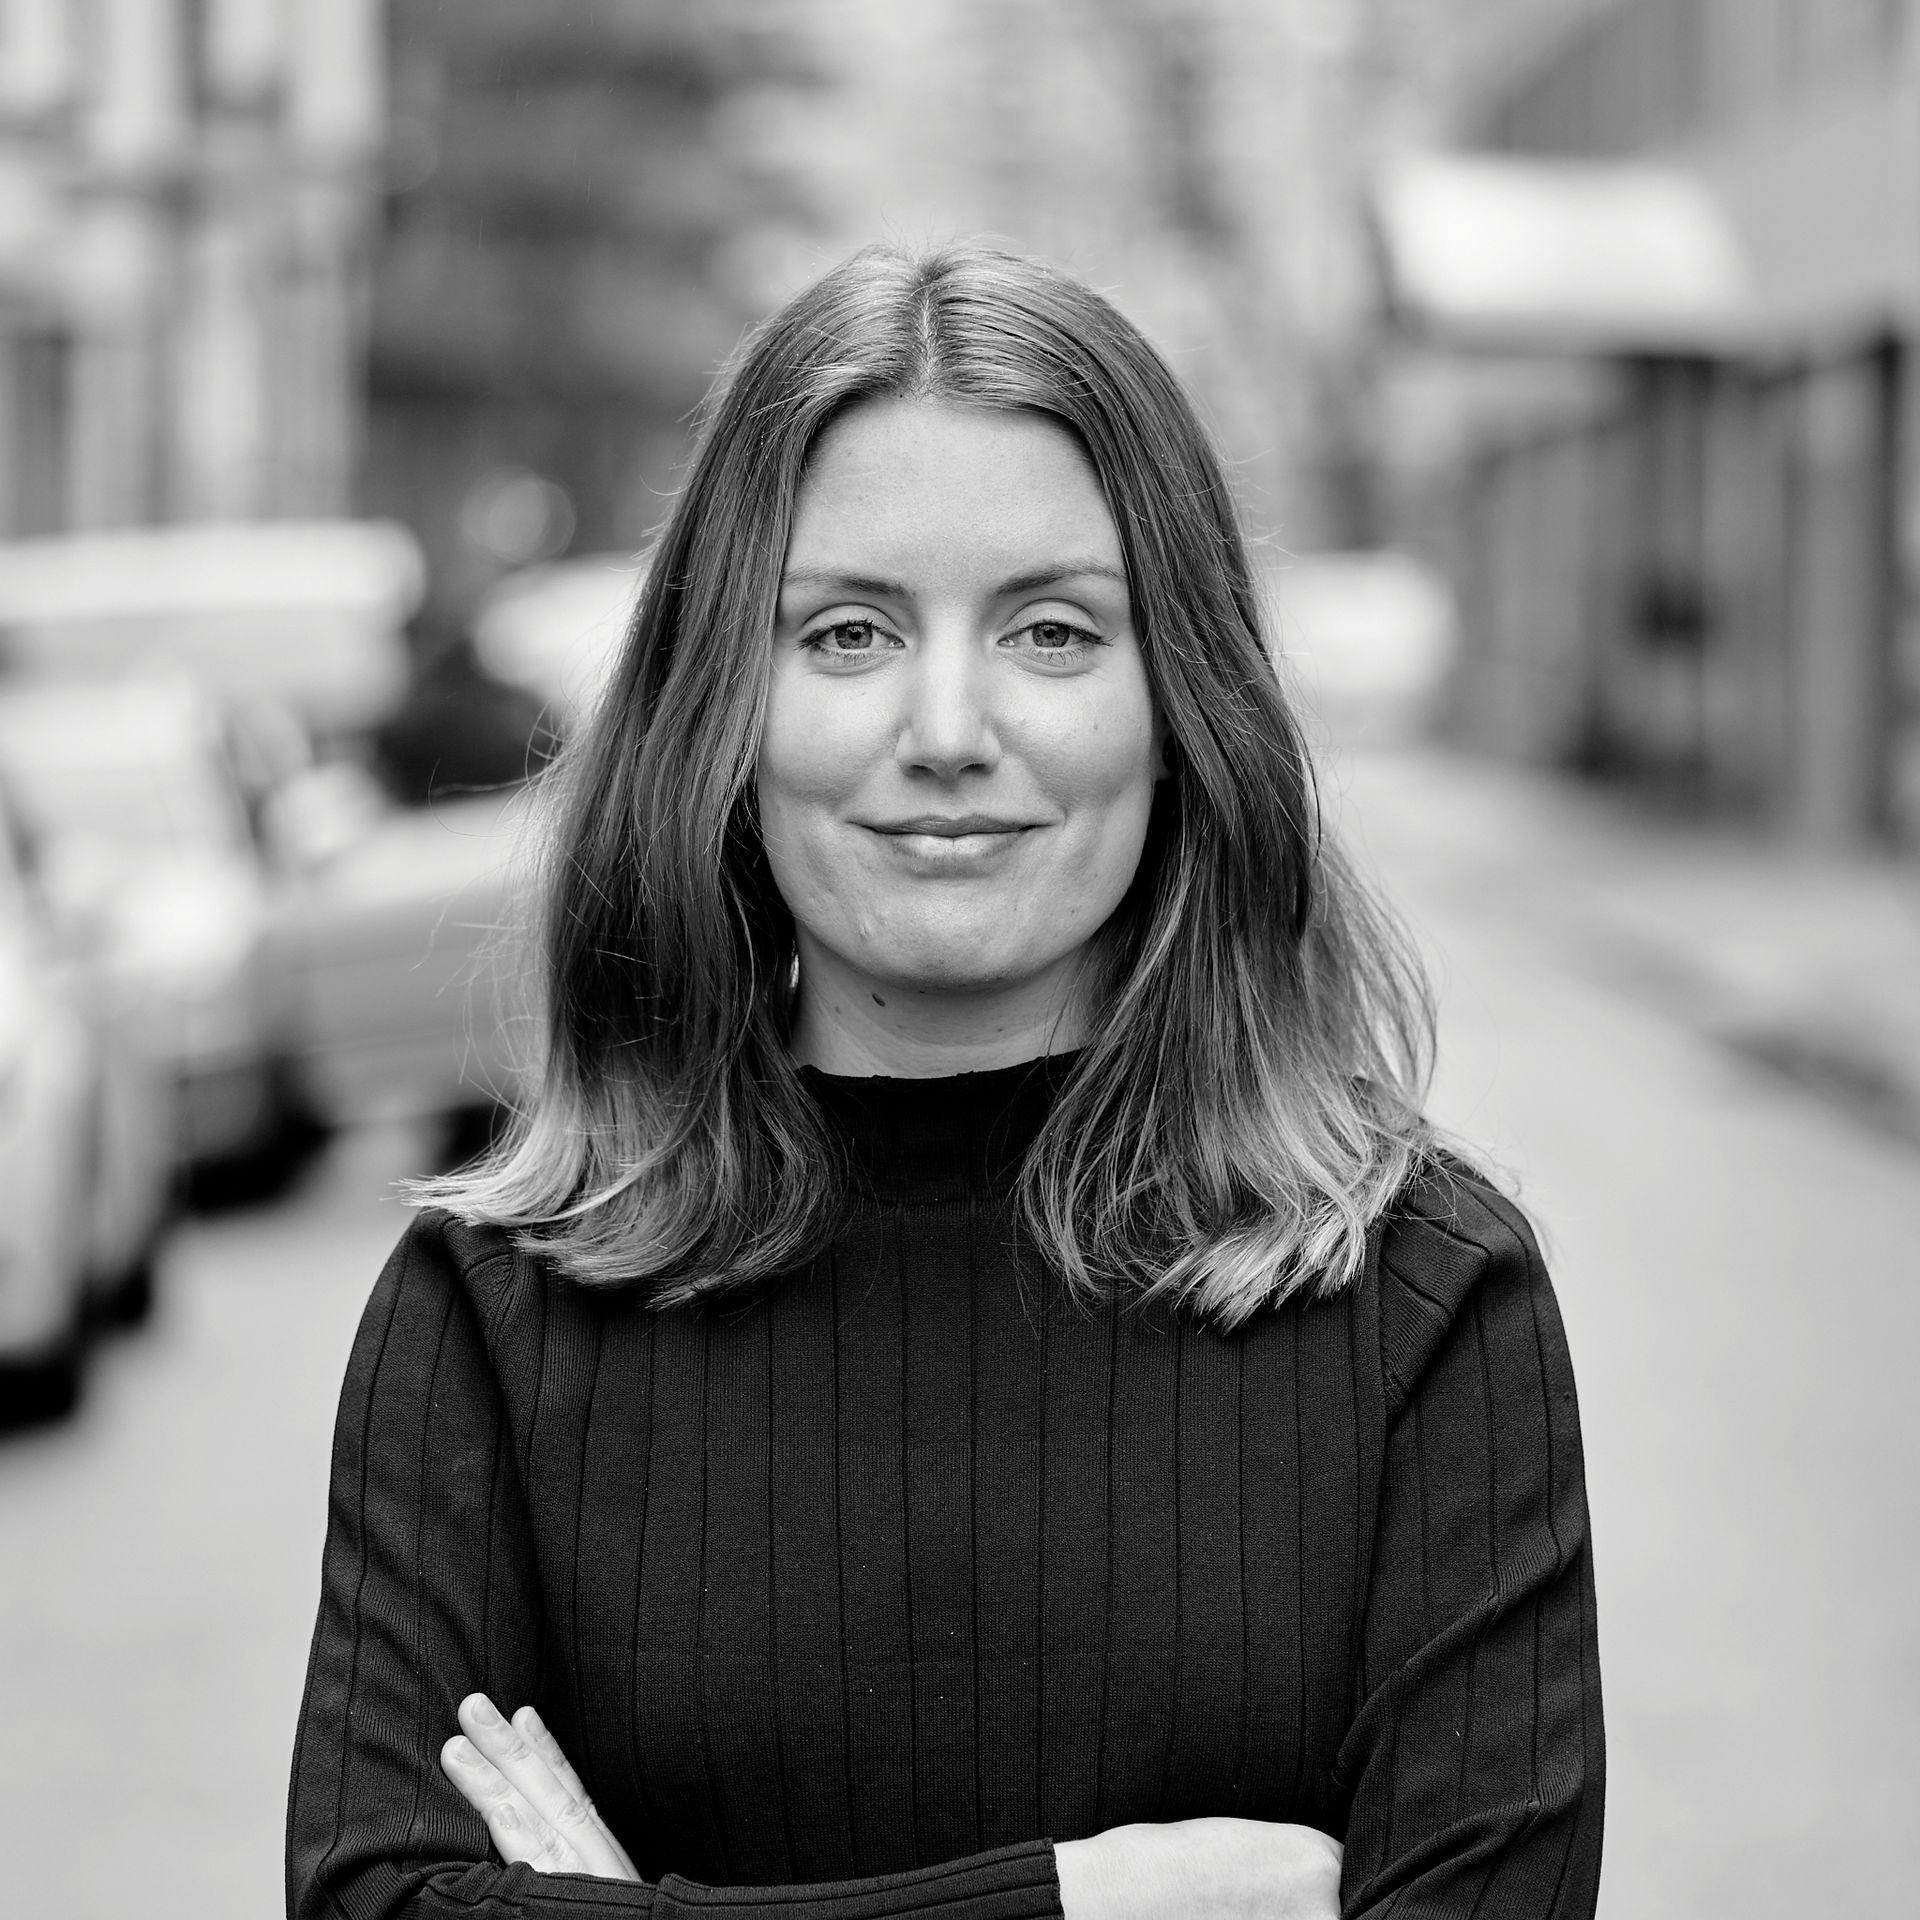 Frida Sundbäck